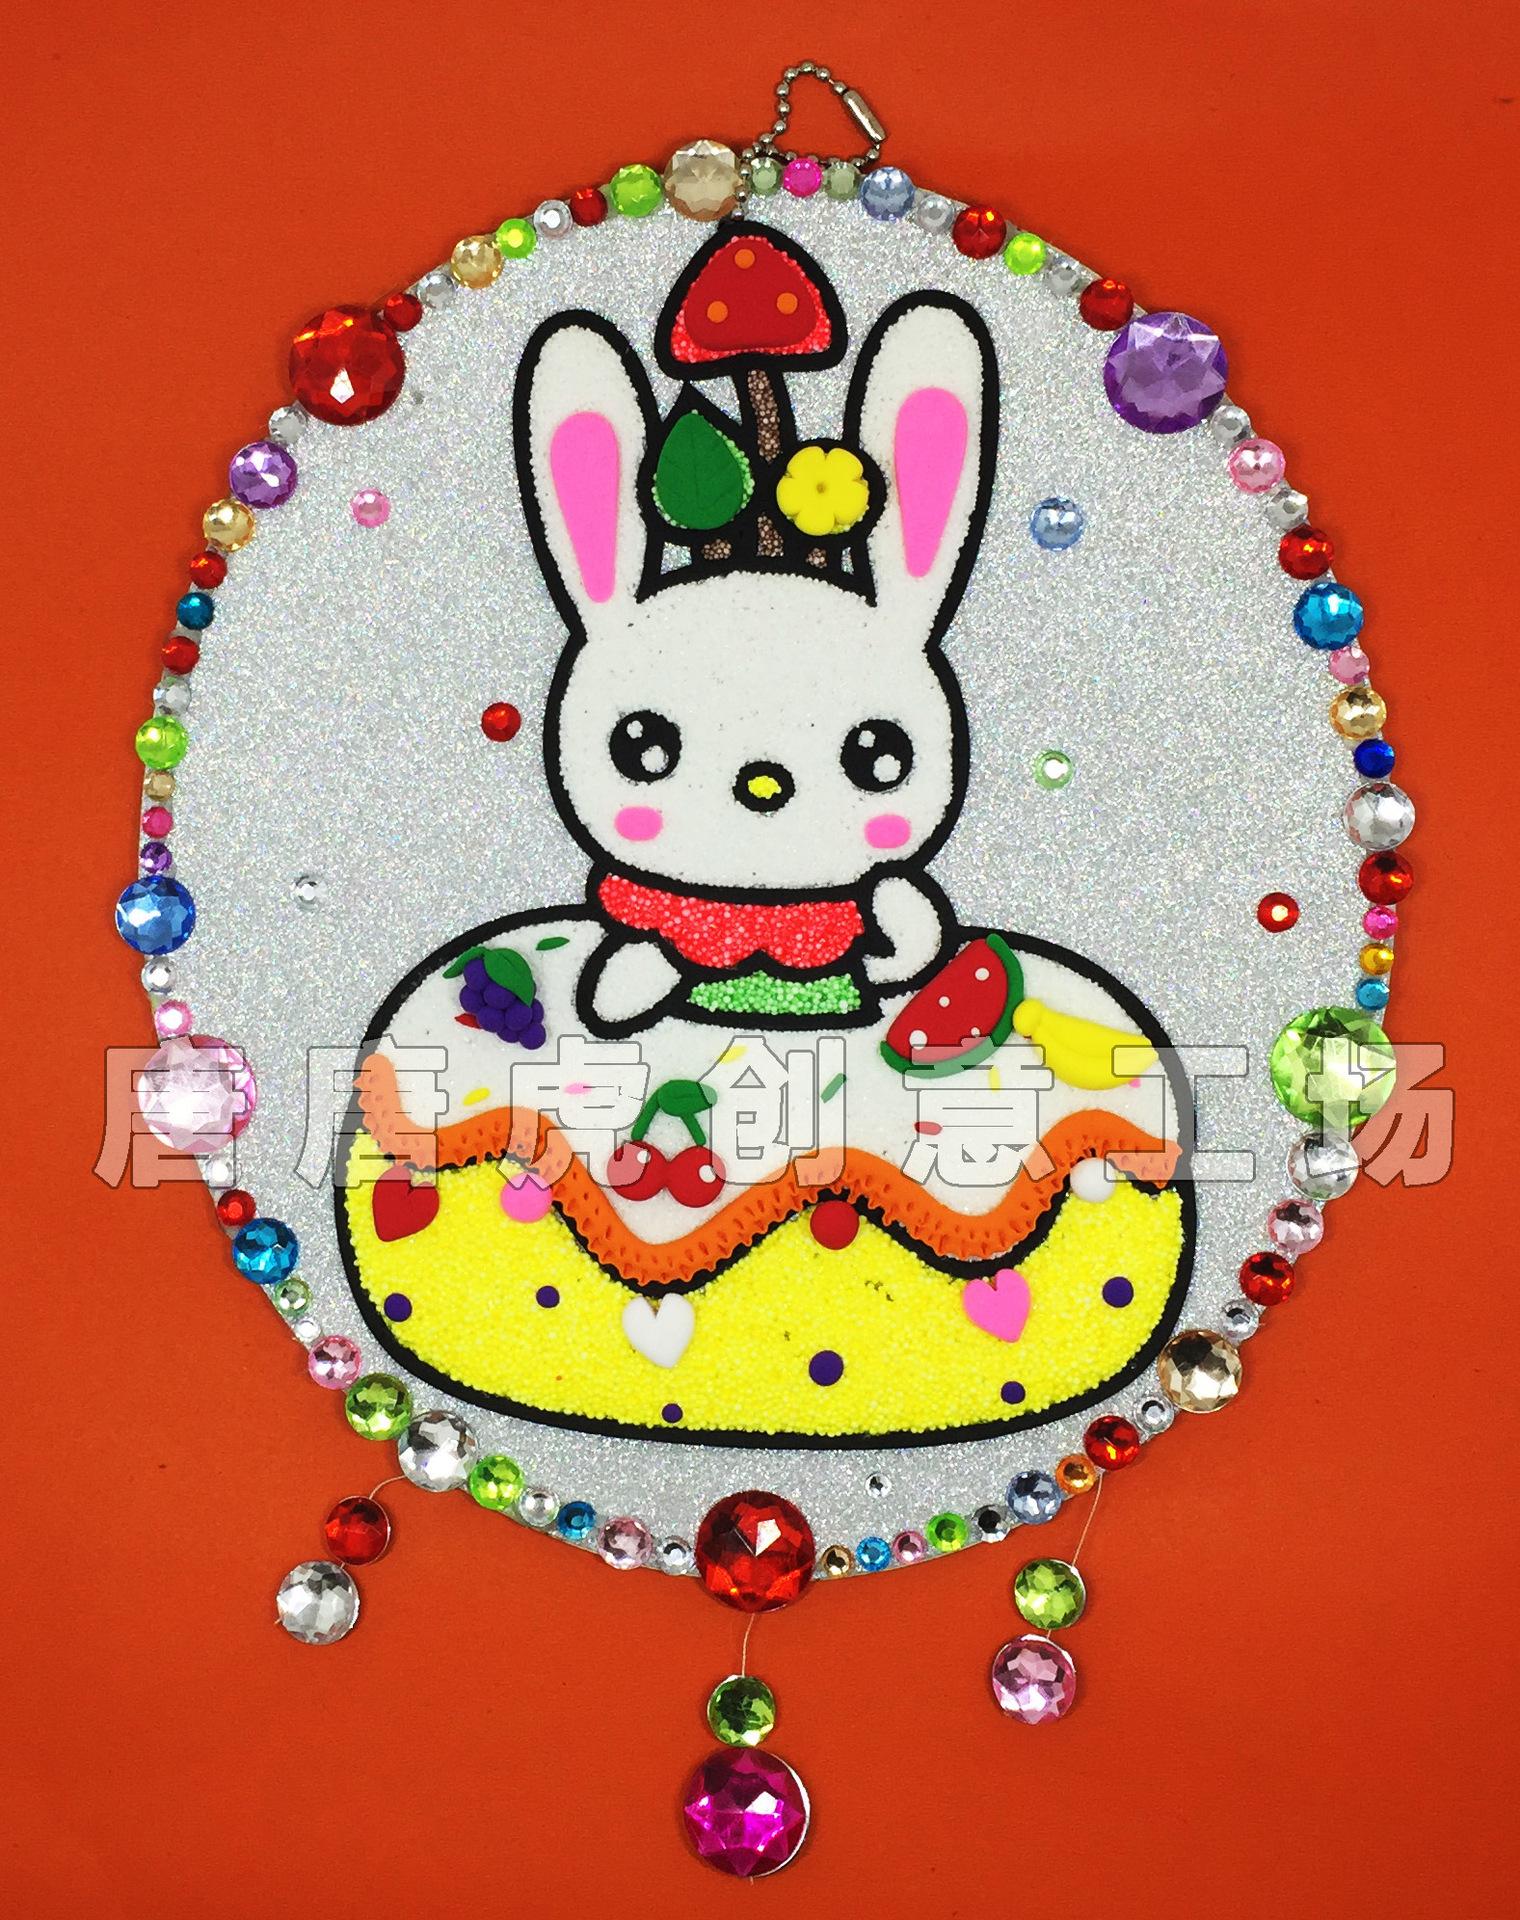 【唐唐虎】儿童手工diy彩钻画 珍珠粘土画 雪花泥 彩泥 魔色板